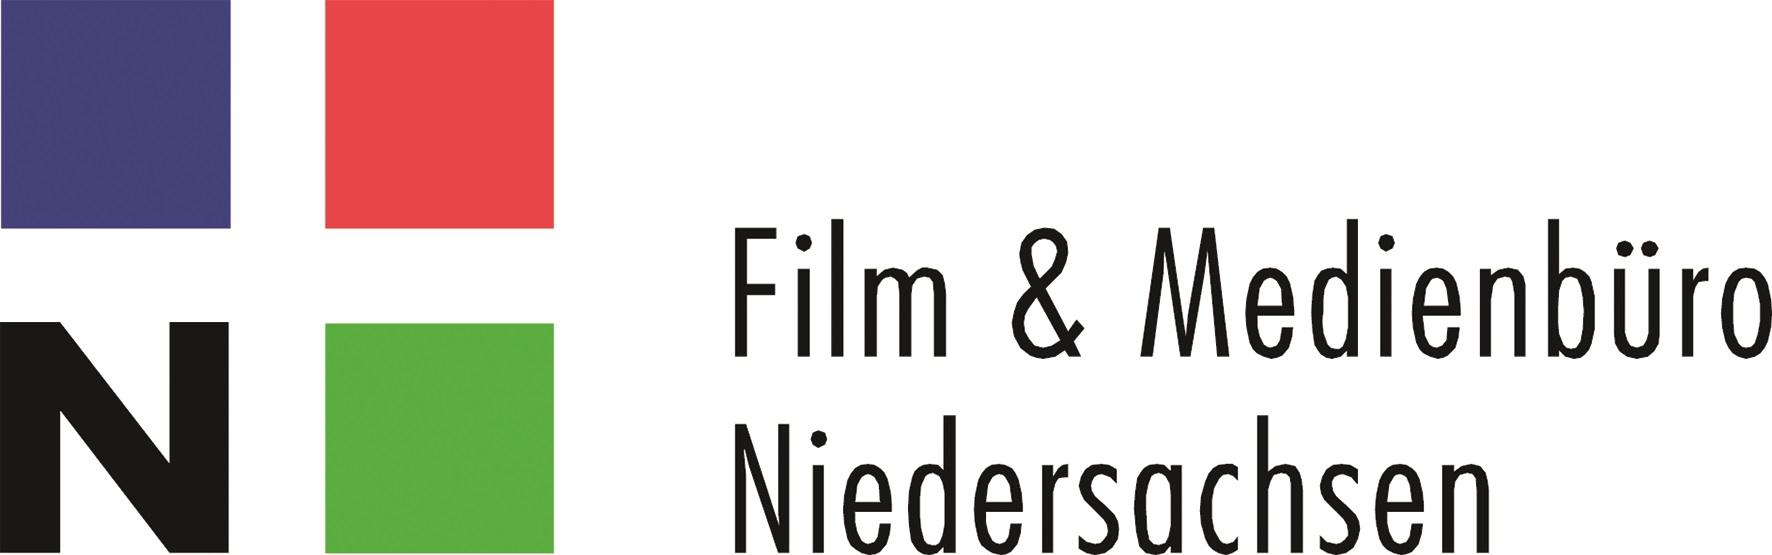 Film- und Medienbüro Niedersachsen